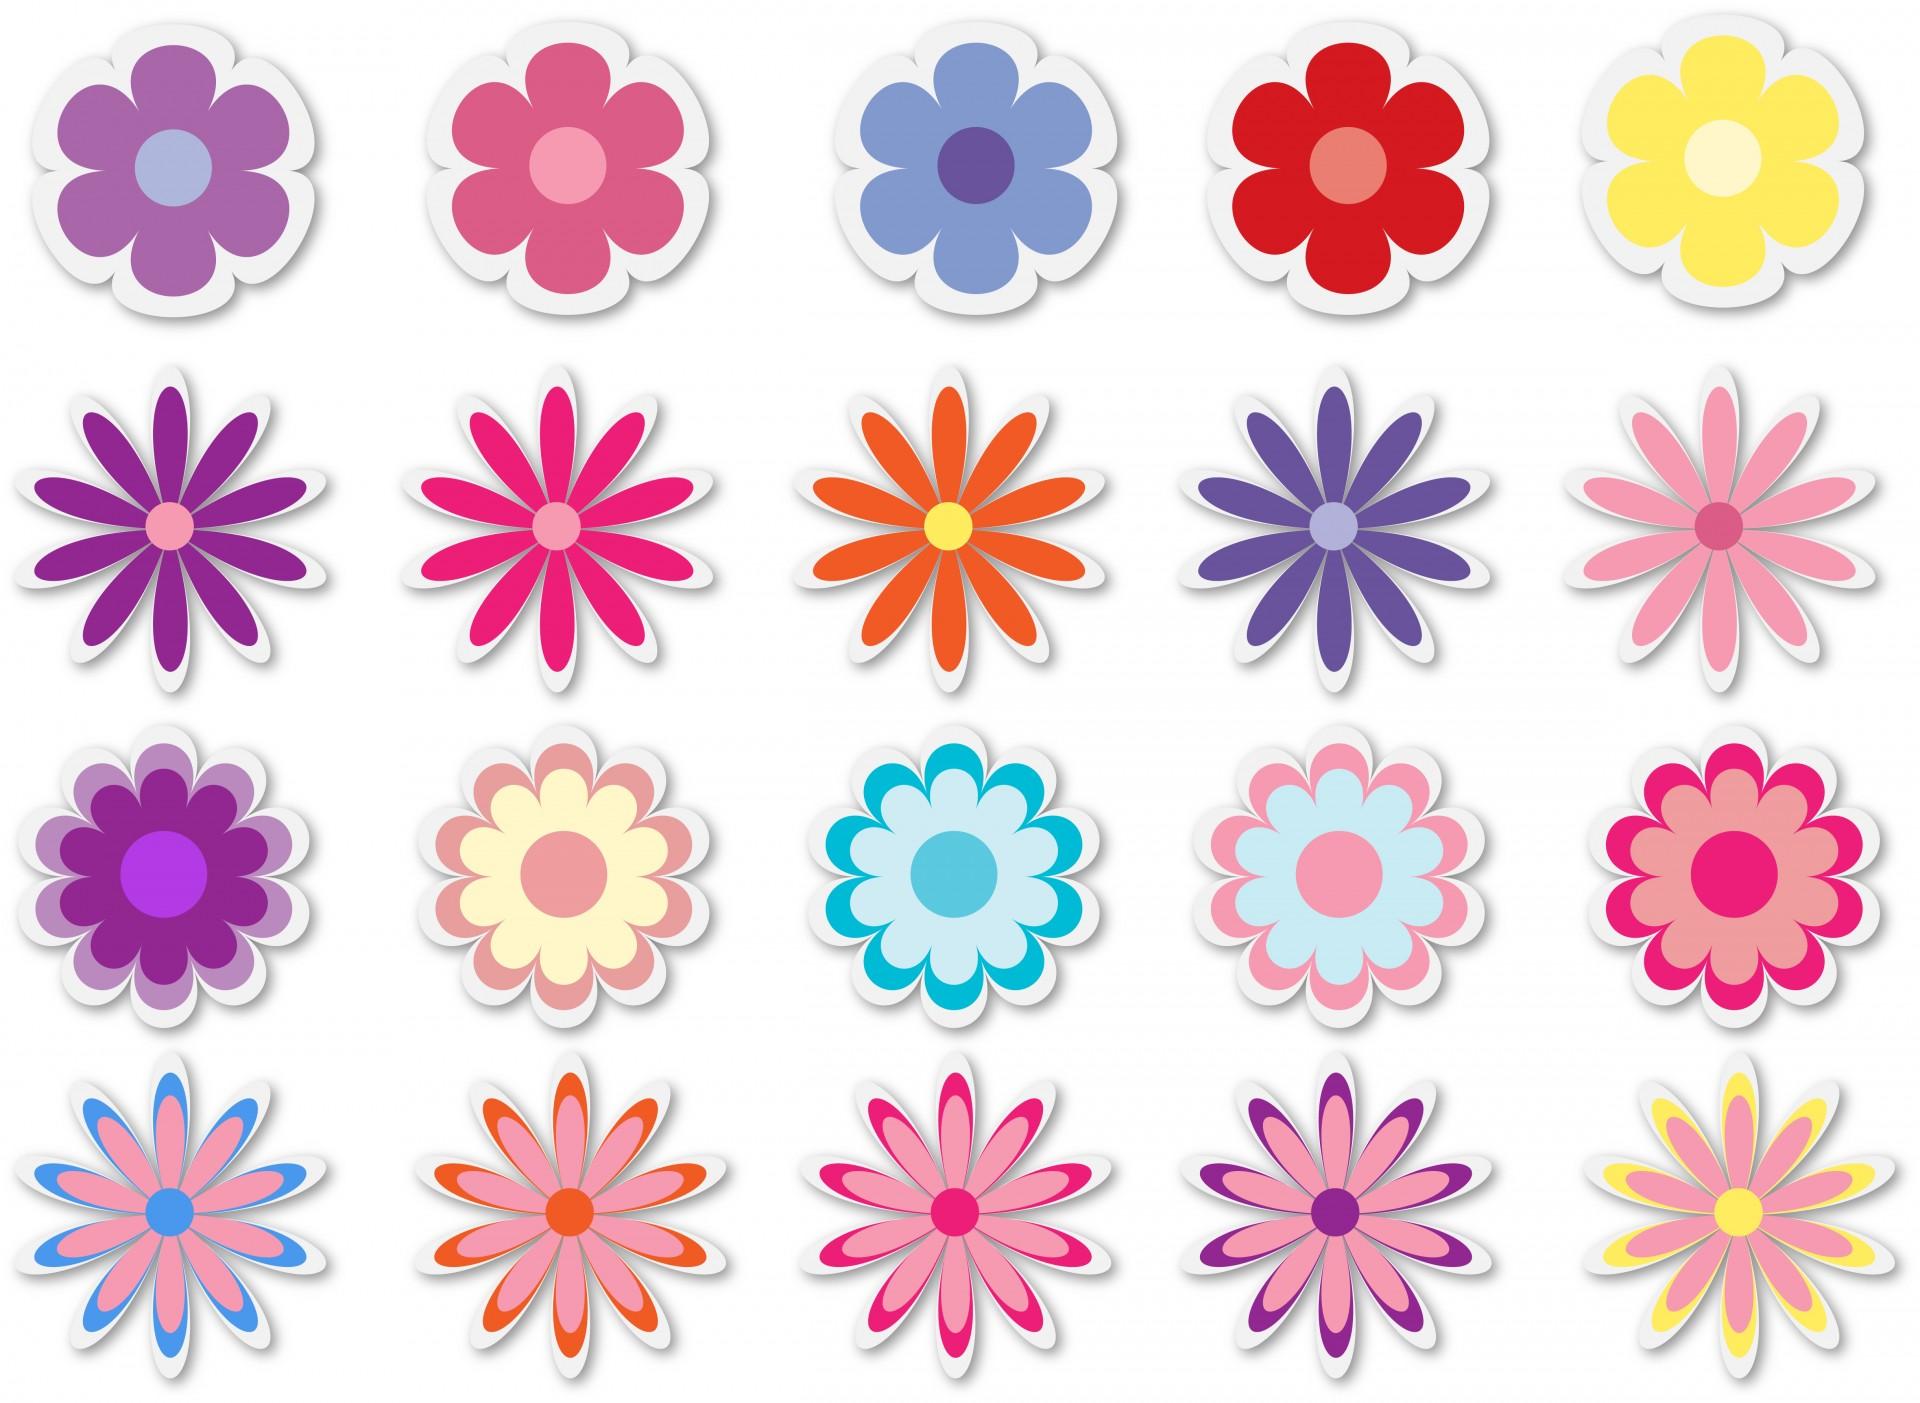 Нужна открытка, картинки цветочки маленькие красивые для вырезания